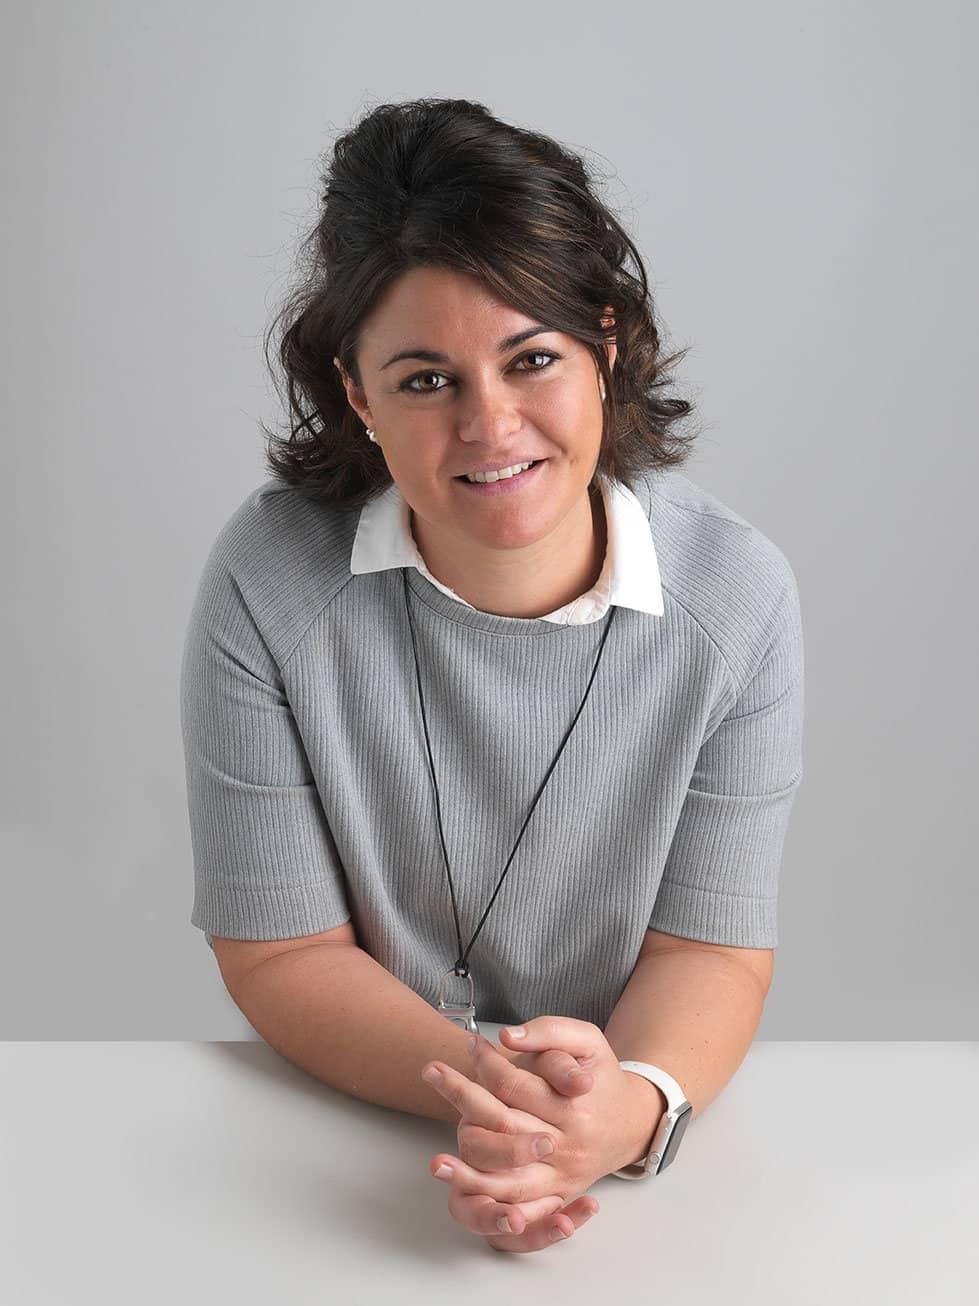 Beatriz Amusategui Moya Atlaxis centro de fisioterapia y osteopatia